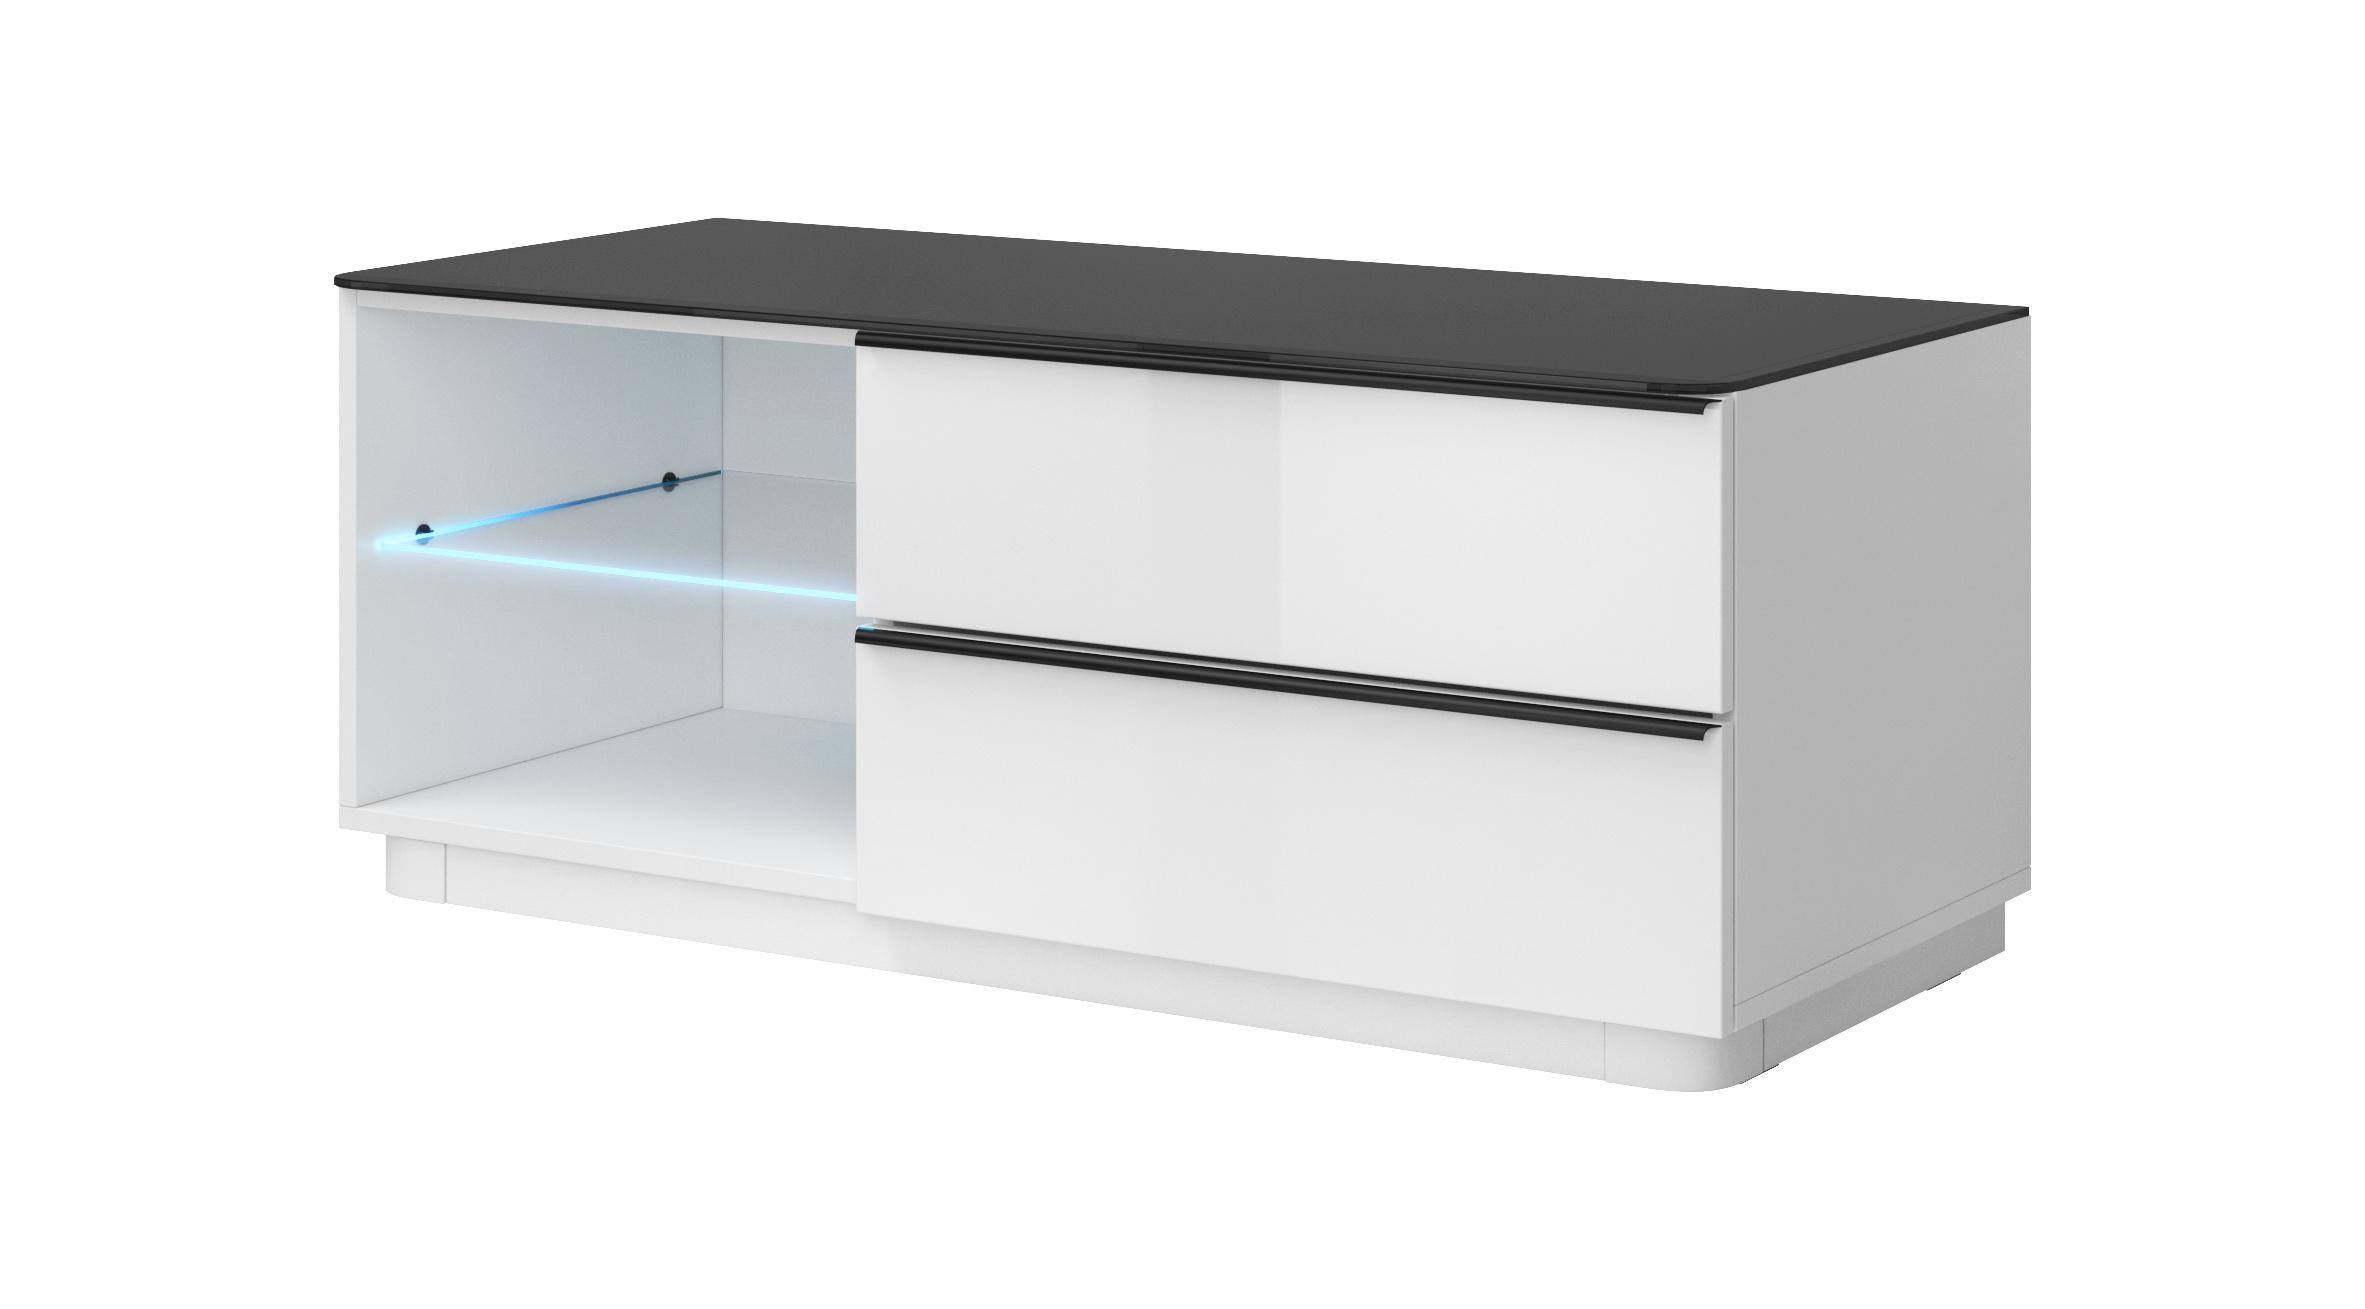 TV stolík/skrinka - Toft - Typ 41 (biela + čierne sklo). Akcia -40%. Vlastná spoľahlivá doprava až k Vám domov.